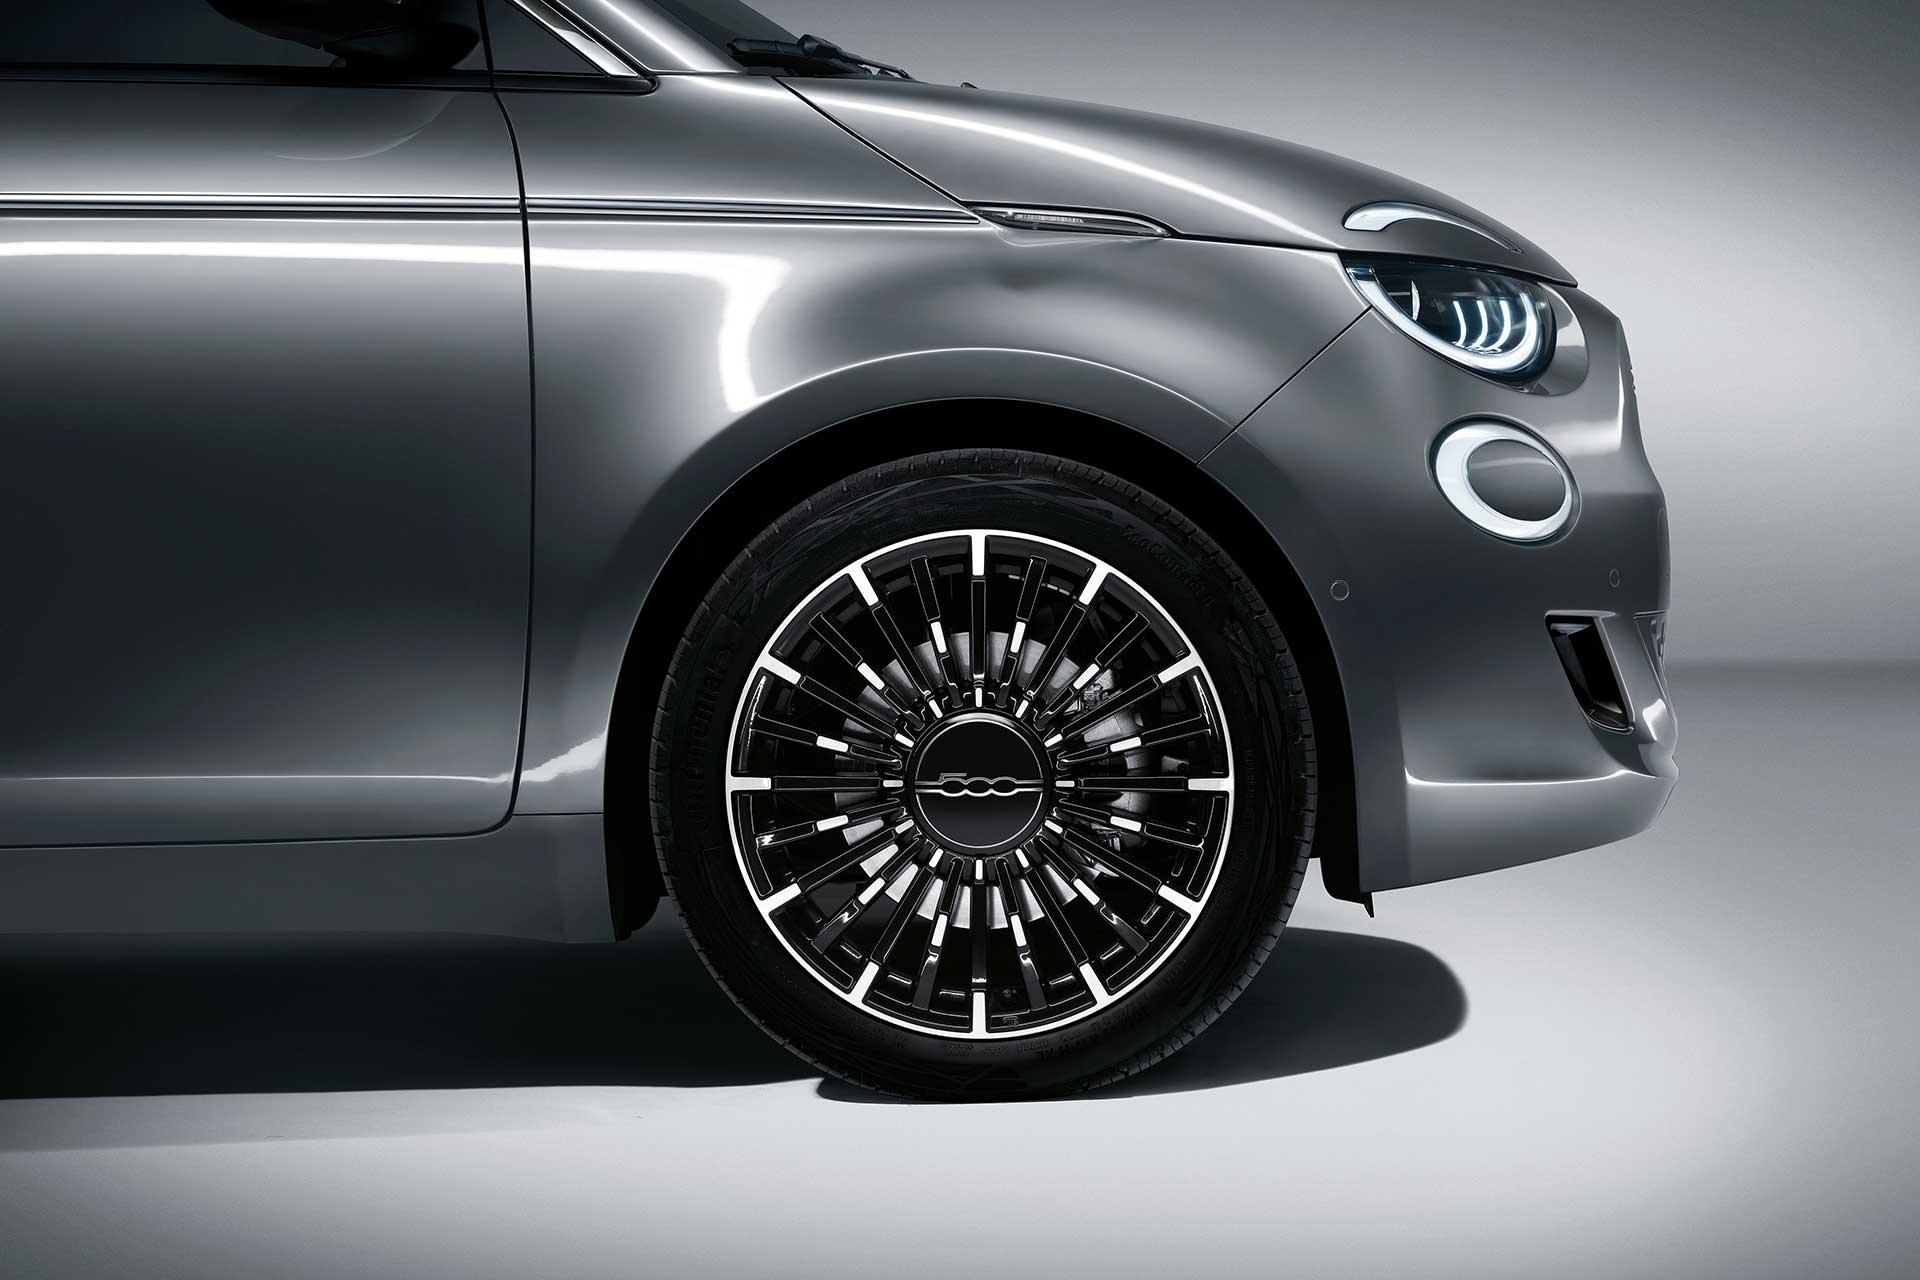 New Fiat 500c electric La Prima wheel design